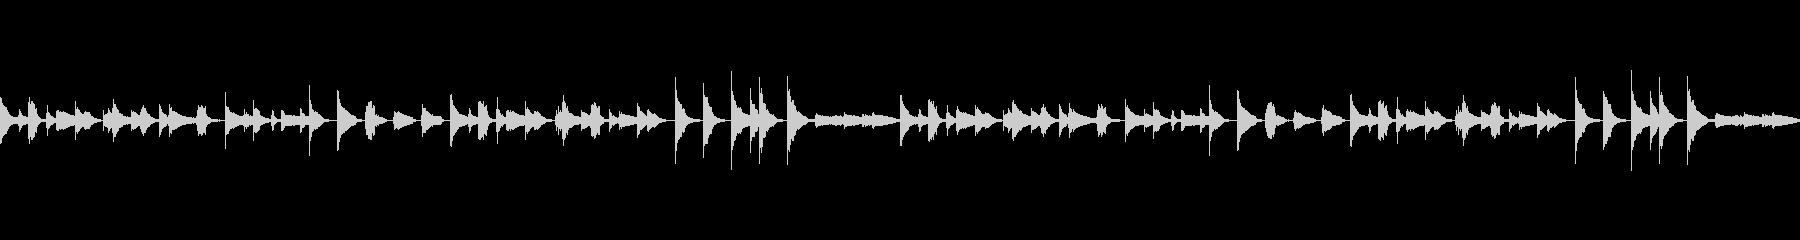 木琴とピアノほのぼの可愛いループBGMの未再生の波形